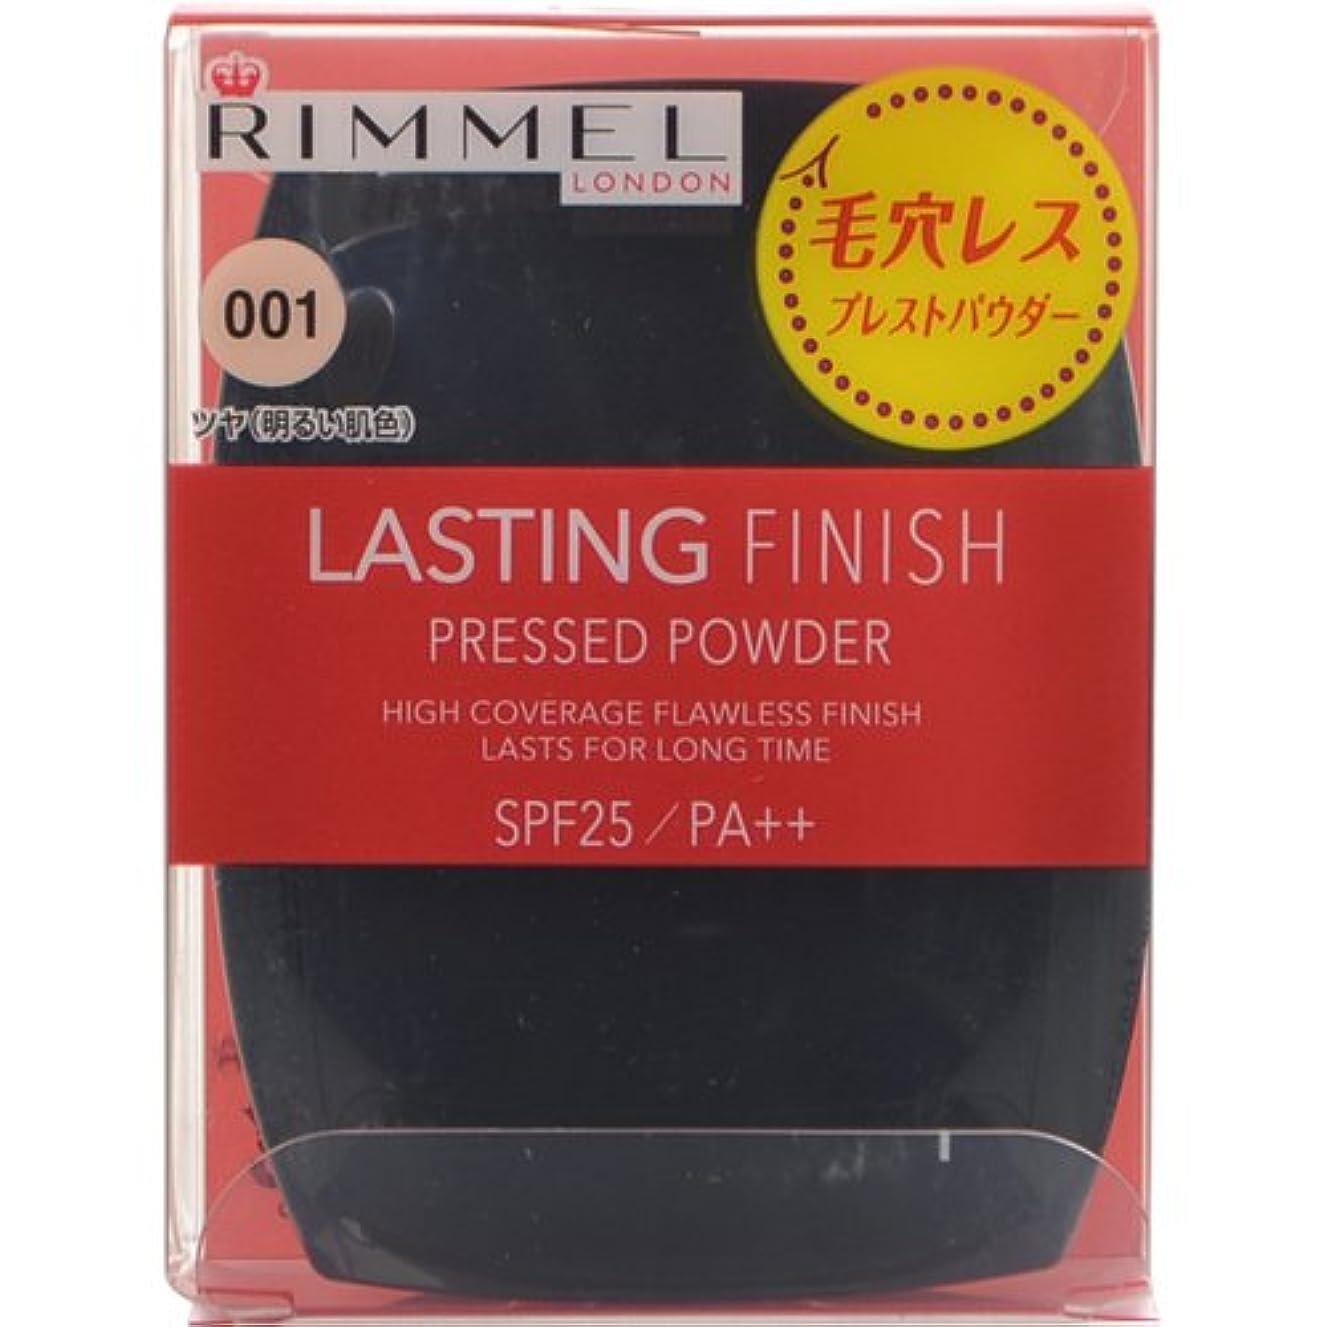 墓地音声学不規則なリンメル ラスティングプレストパウダー001 明るい肌色ツヤ肌 7g SPF25?PA++